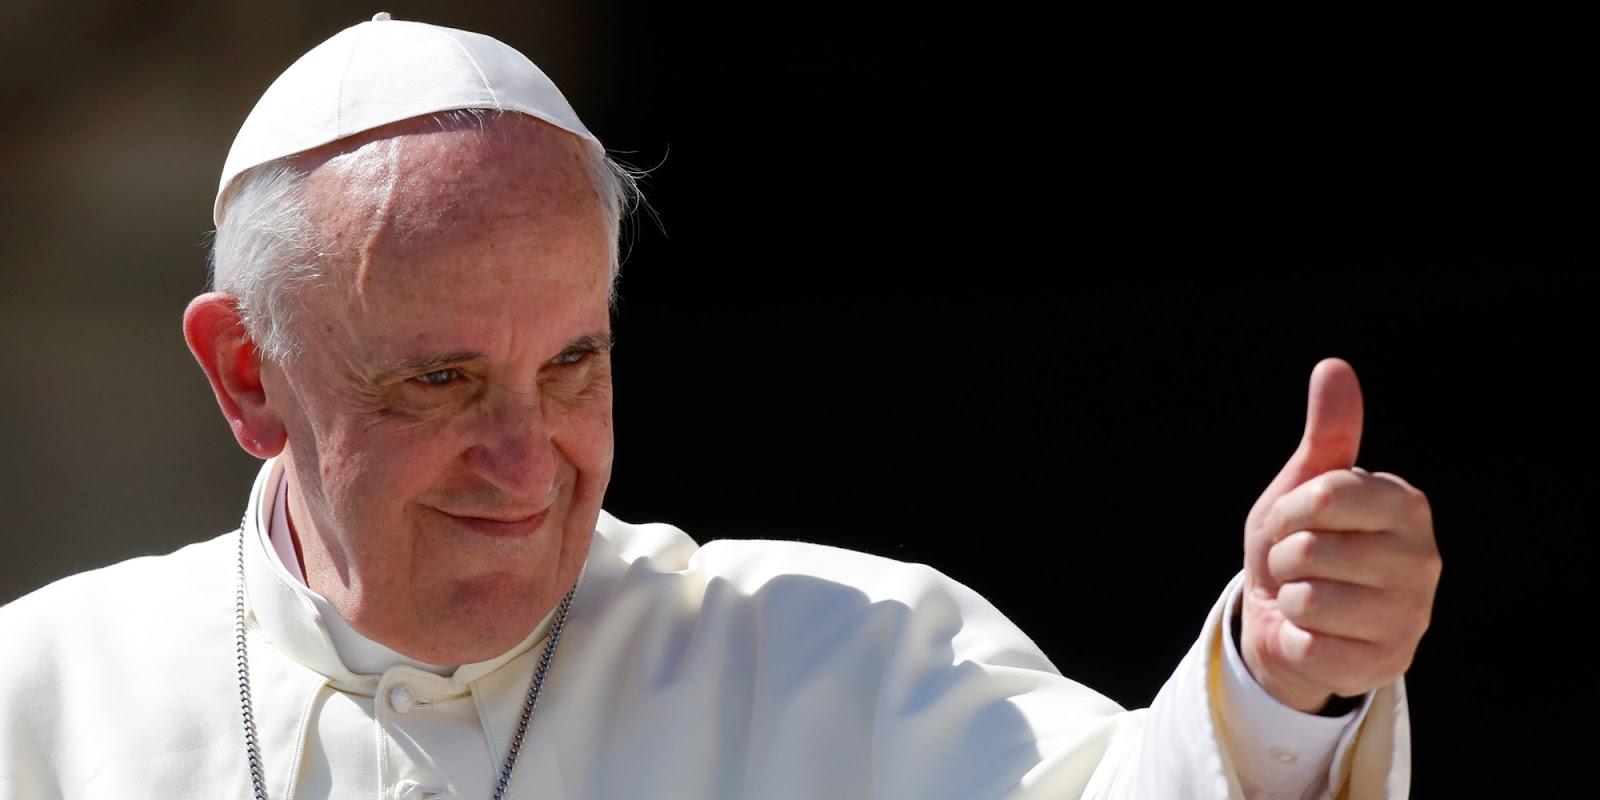 Expectación ante la visita del papa Francisco a Bolivia, ¿se pronunciará sobre la demanda marítima?